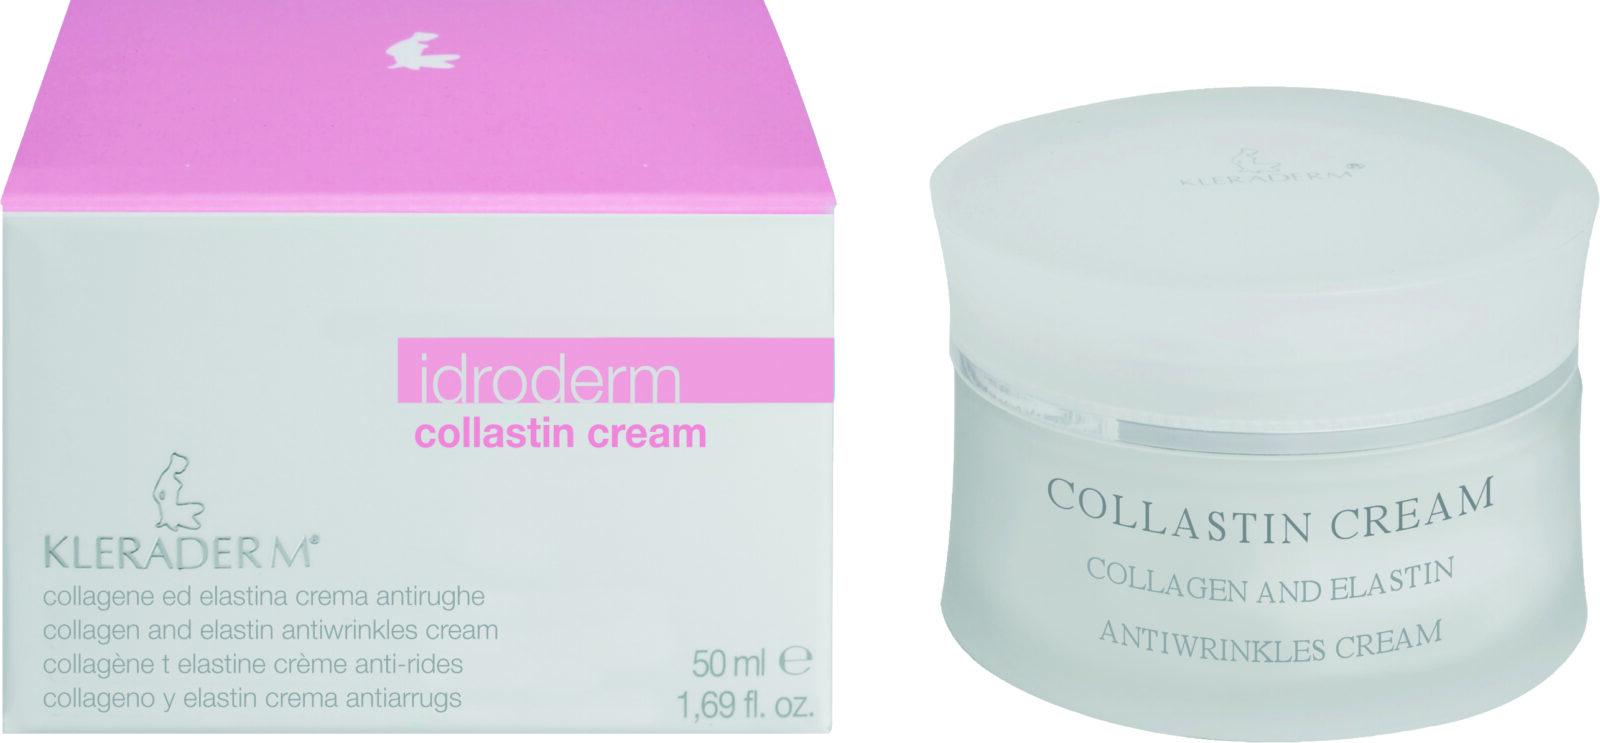 Kleraderm Idroderm Collastin Cream Skin Evolution